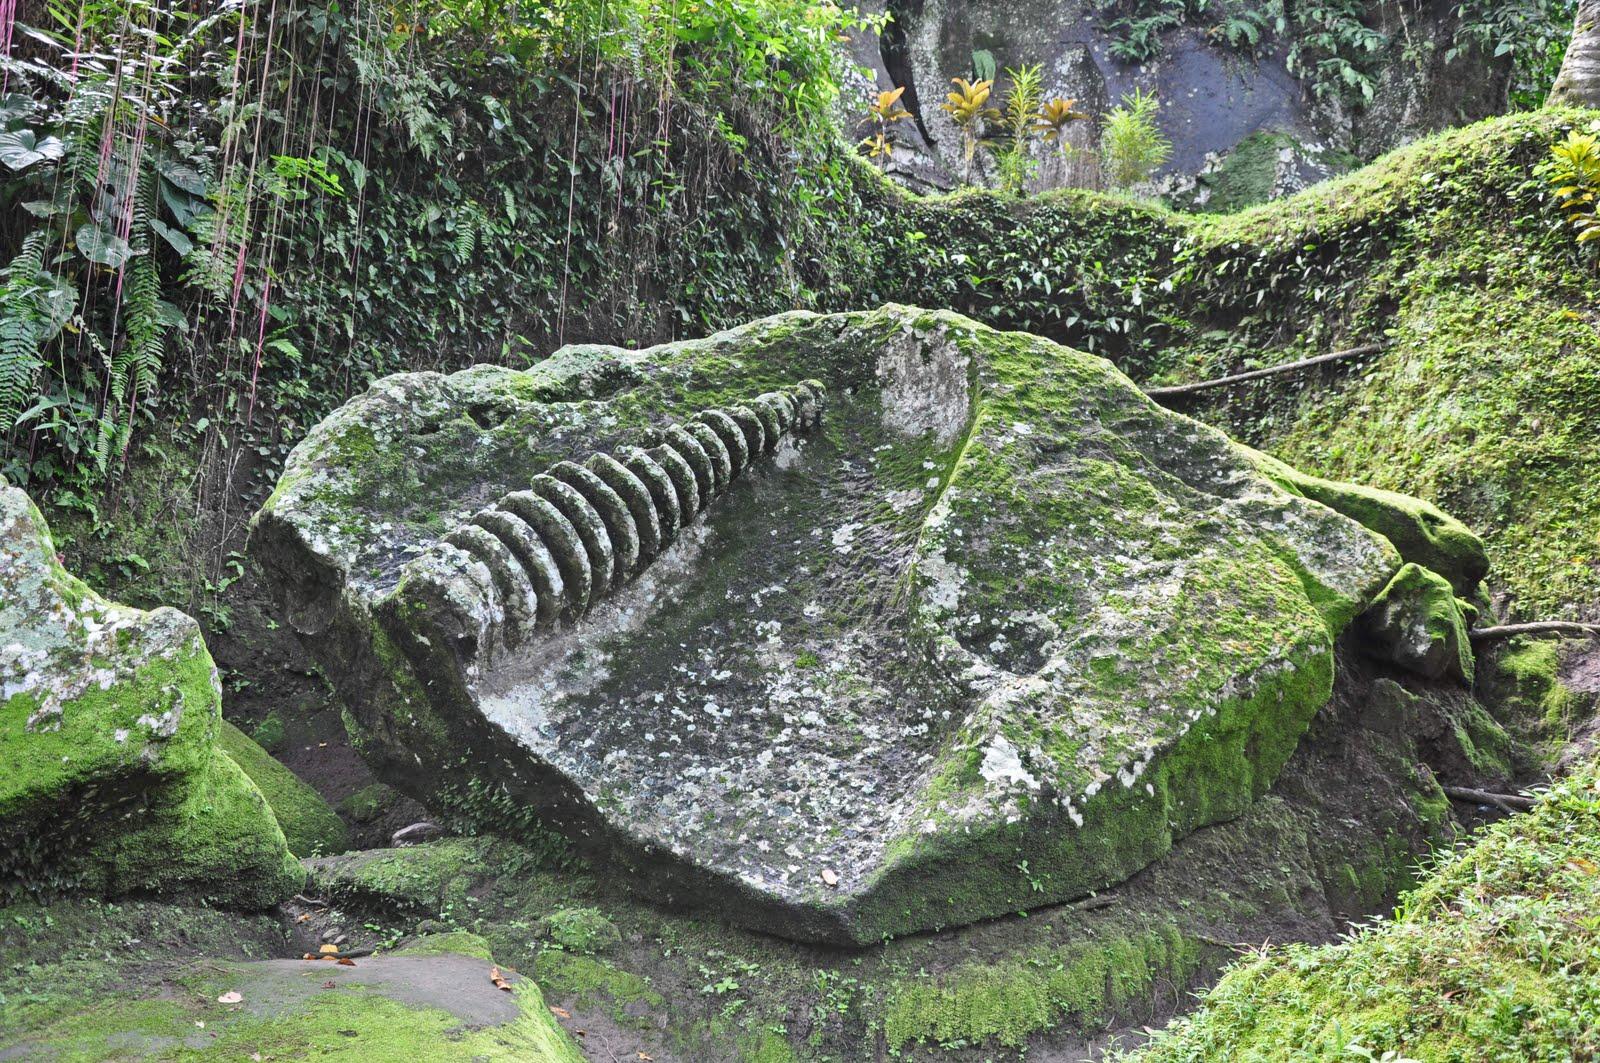 Goa-Gajah-Foto.png